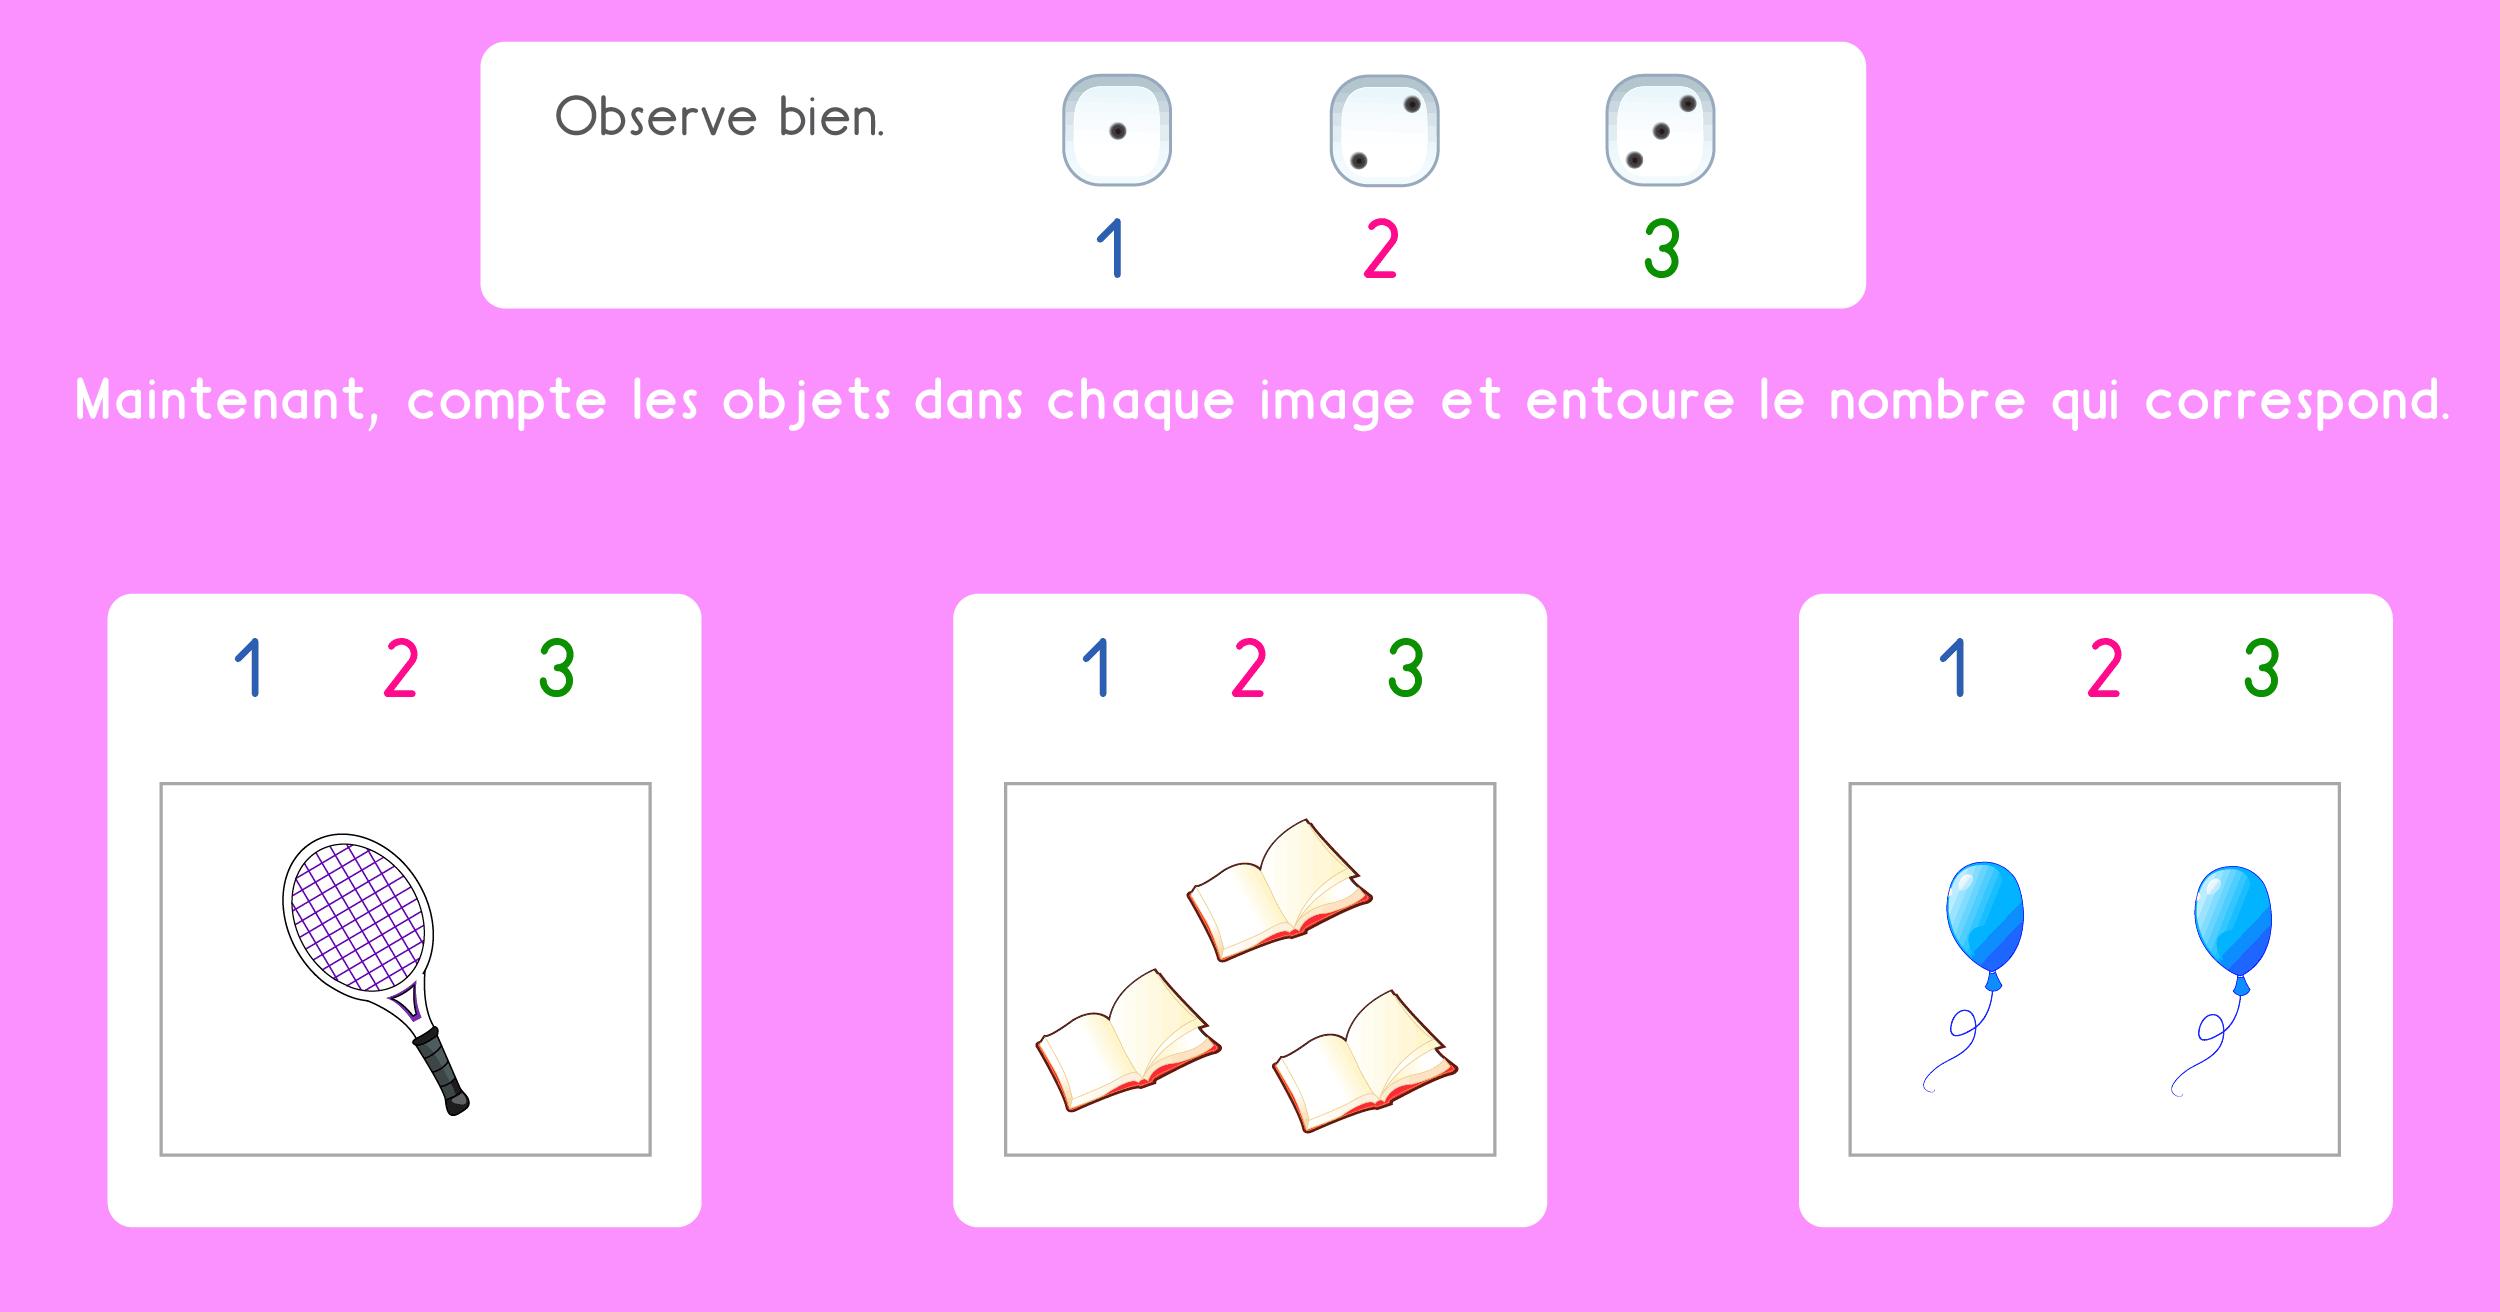 Pdf Fiches Exercices Jeux Mathématiques 3 Ans Petite Section tout Jeux À Imprimer 3 Ans